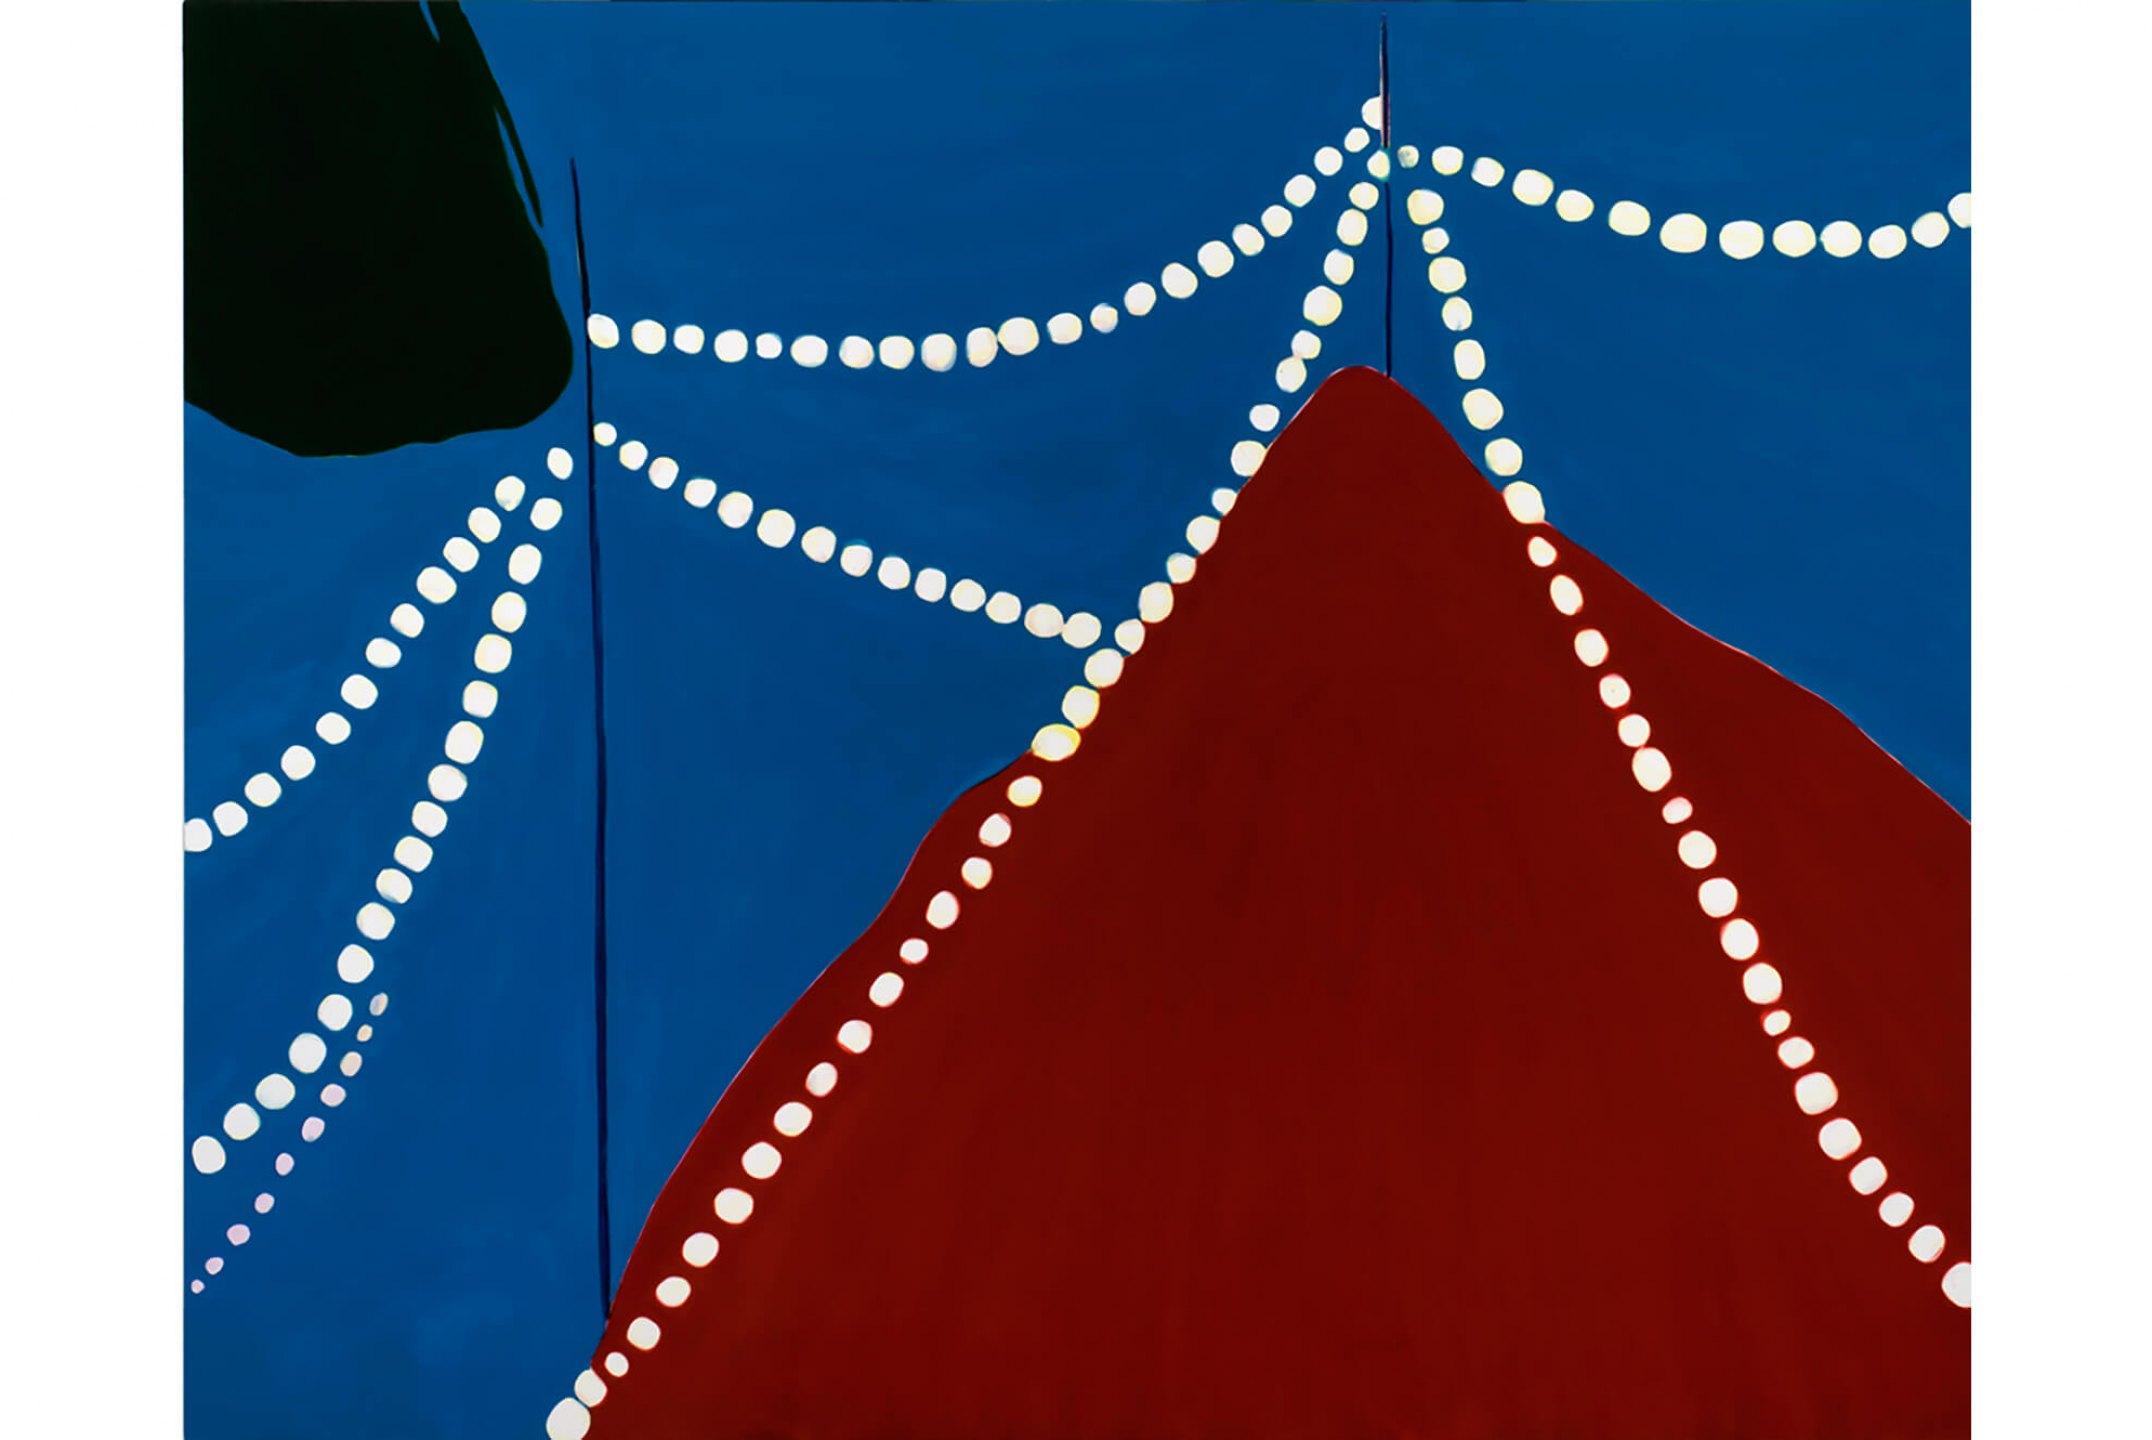 Patricia Leite,<em>Untitled (Lamp Bulbs I)</em>,2009, oil on wood, 180 × 200 cm - Mendes Wood DM